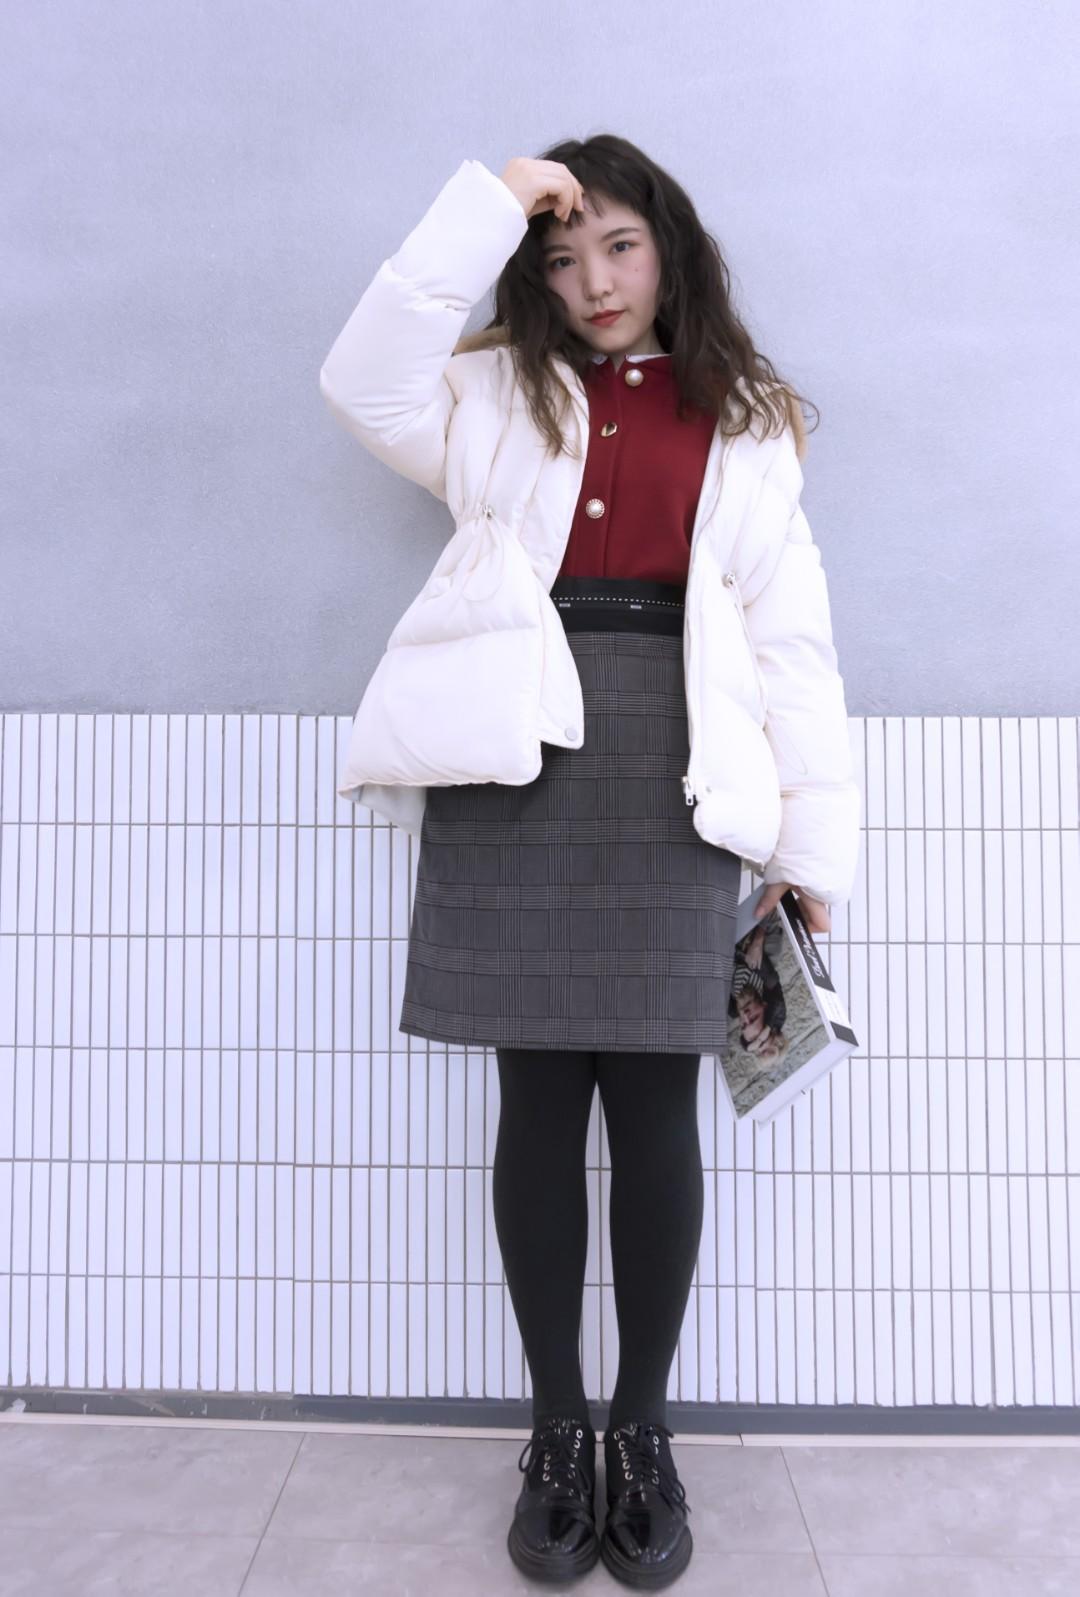 #MOGU STUDIO# 🌞冬天最后一套冬装      白色收腰羽绒服真的超级显瘦      内搭红色薄毛衣和白色刚好有了对比       好看又吸睛 🌟🌟🌟🌟🌟🌟🌟🌟🌟🌟